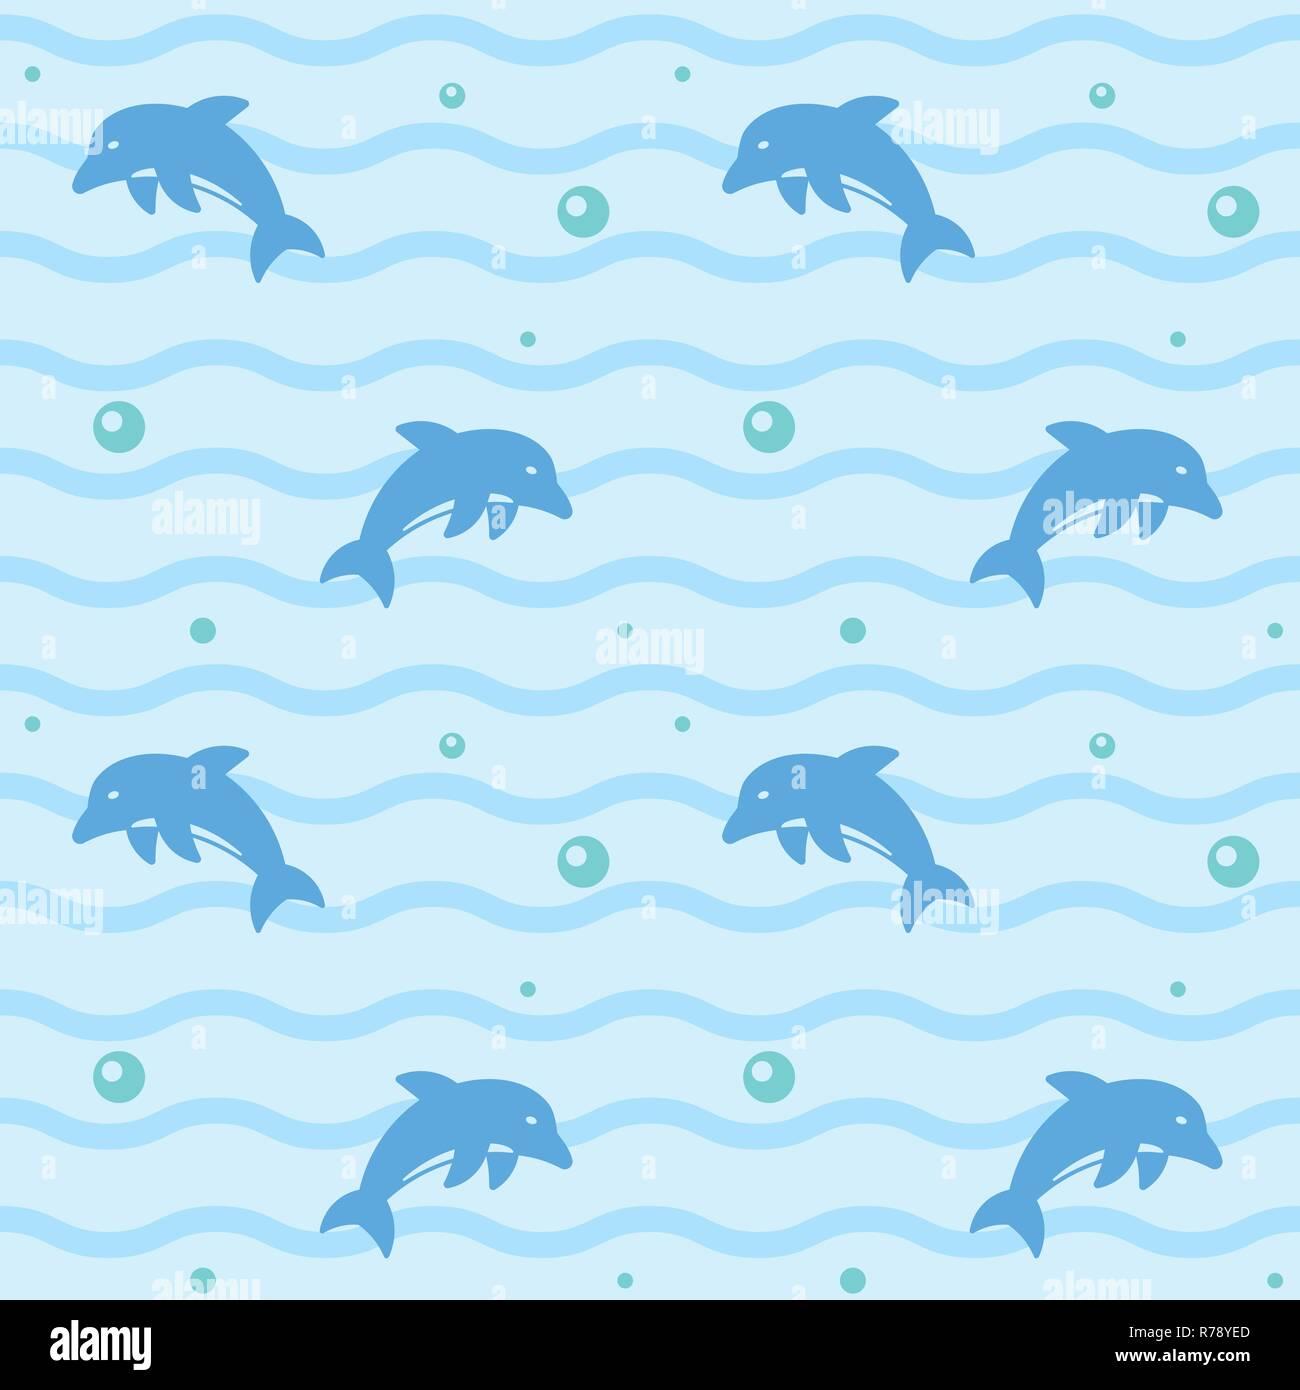 Carta da parati senza giunture pattern con jumping delfini, le onde e le bolle illustrazione vettoriale Immagini Stock